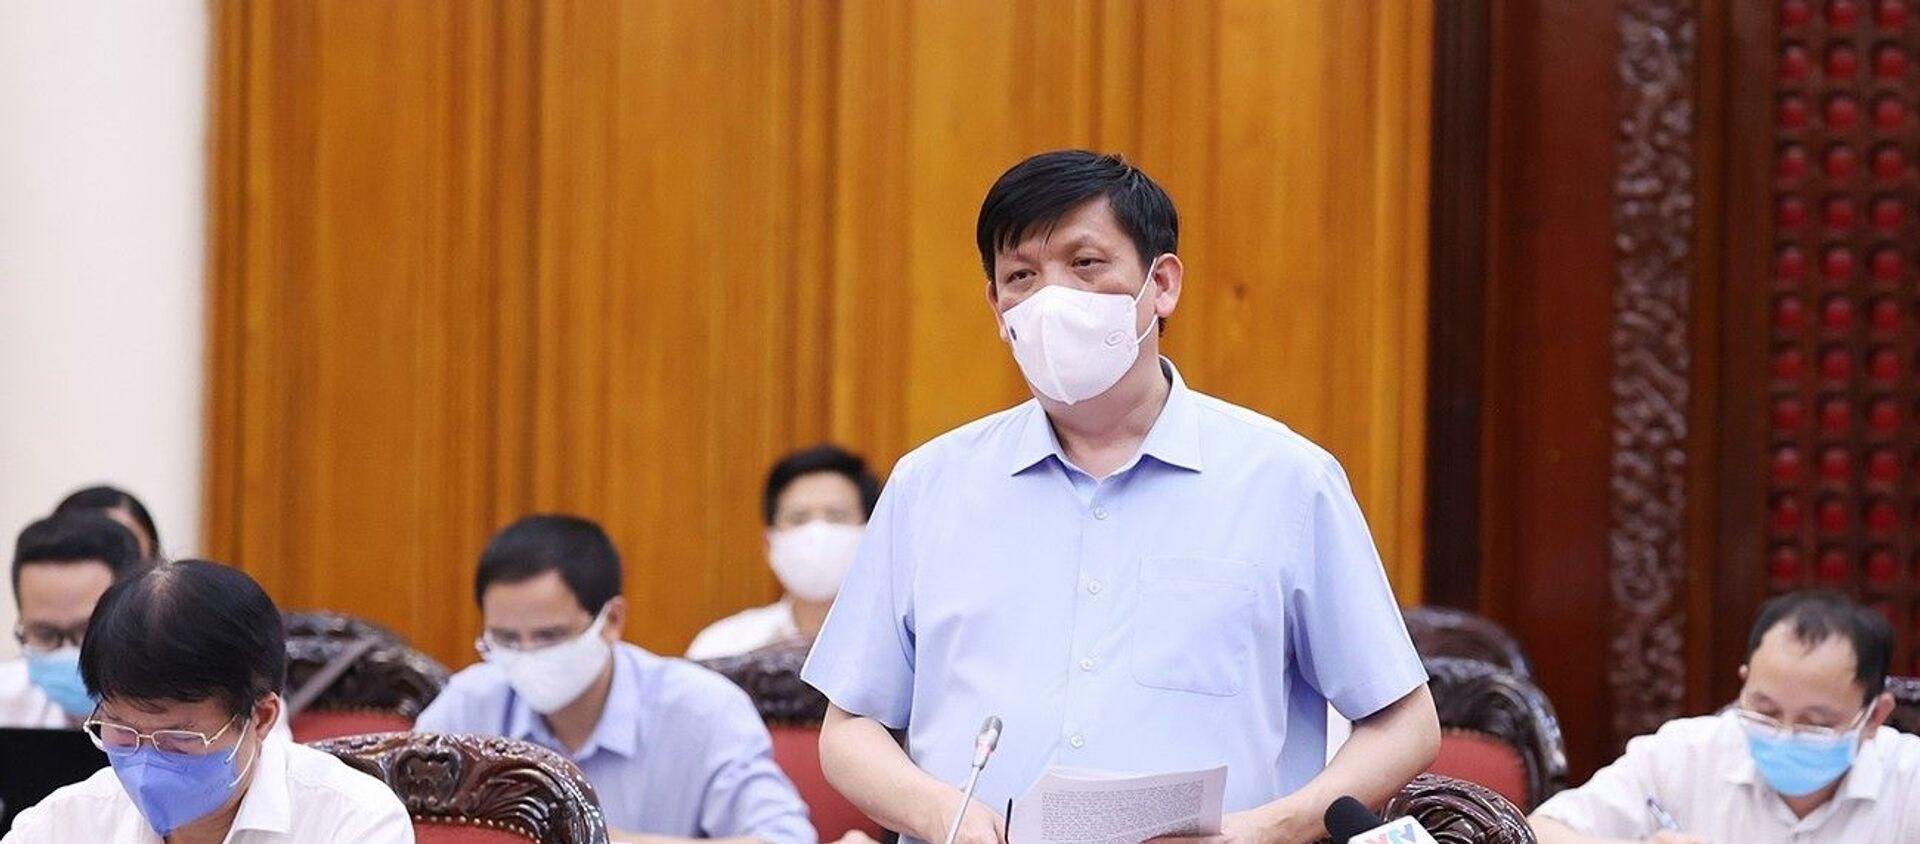 Bộ trưởng Bộ Y tế Nguyễn Thanh Long báo cáo tình hình và diễn biến dịch bệnh COVID-19. - Sputnik Việt Nam, 1920, 25.05.2021